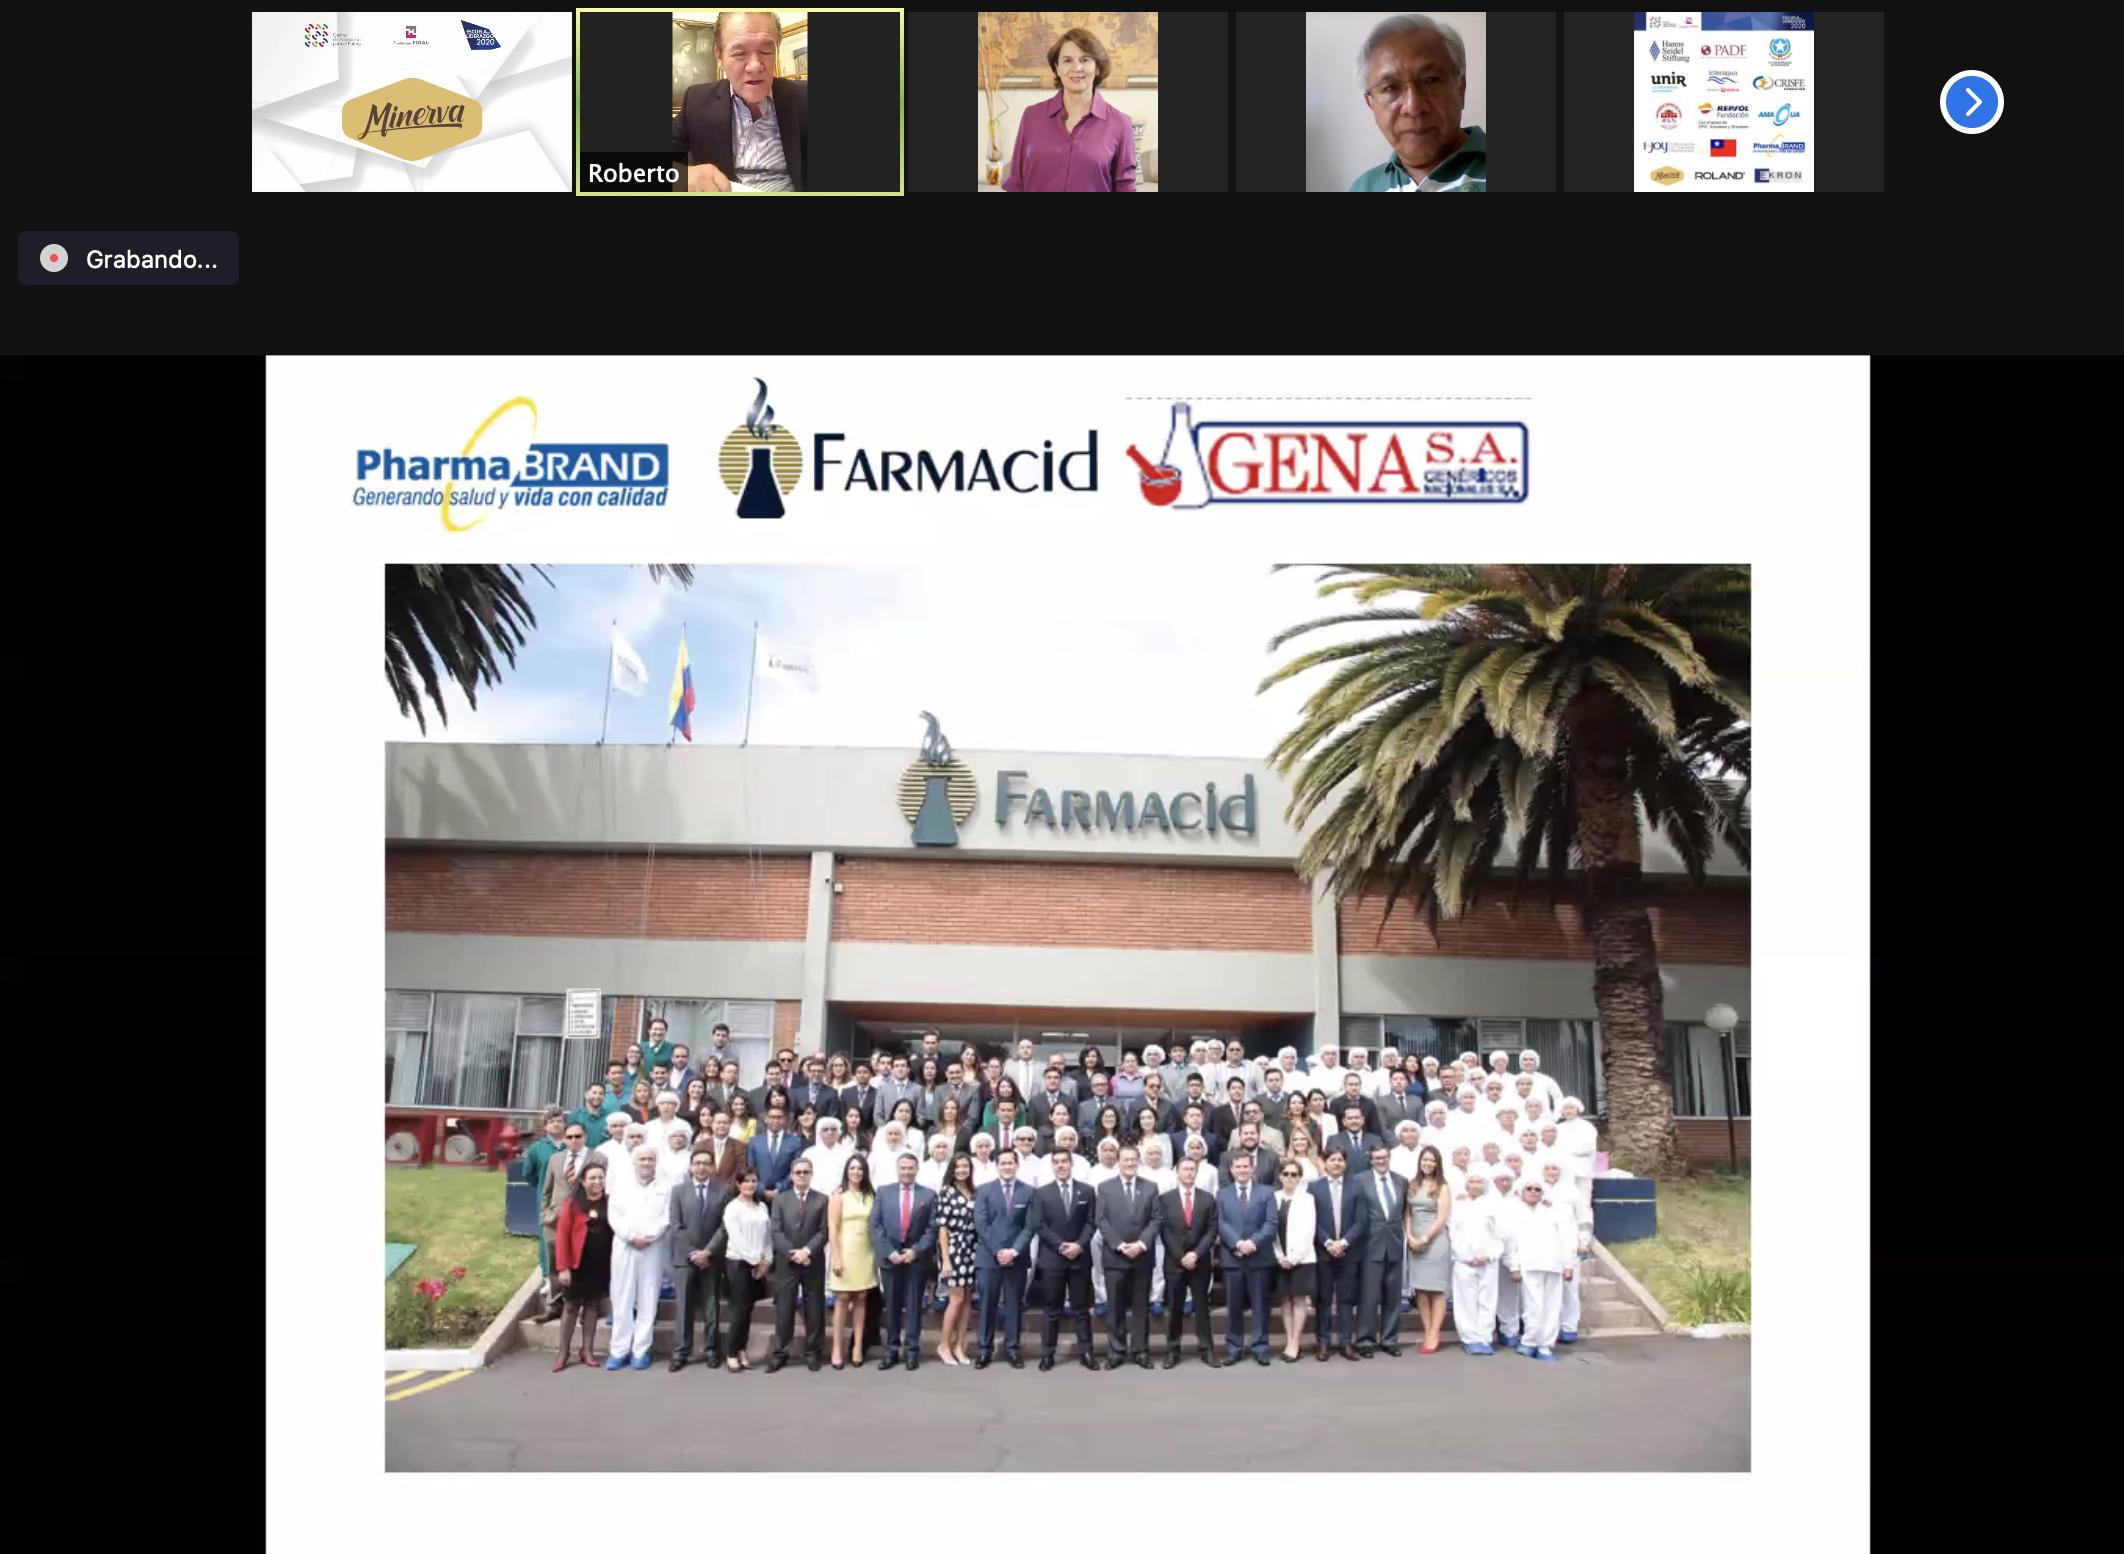 Captura de Pantalla 2020-10-30 a la(s) 1